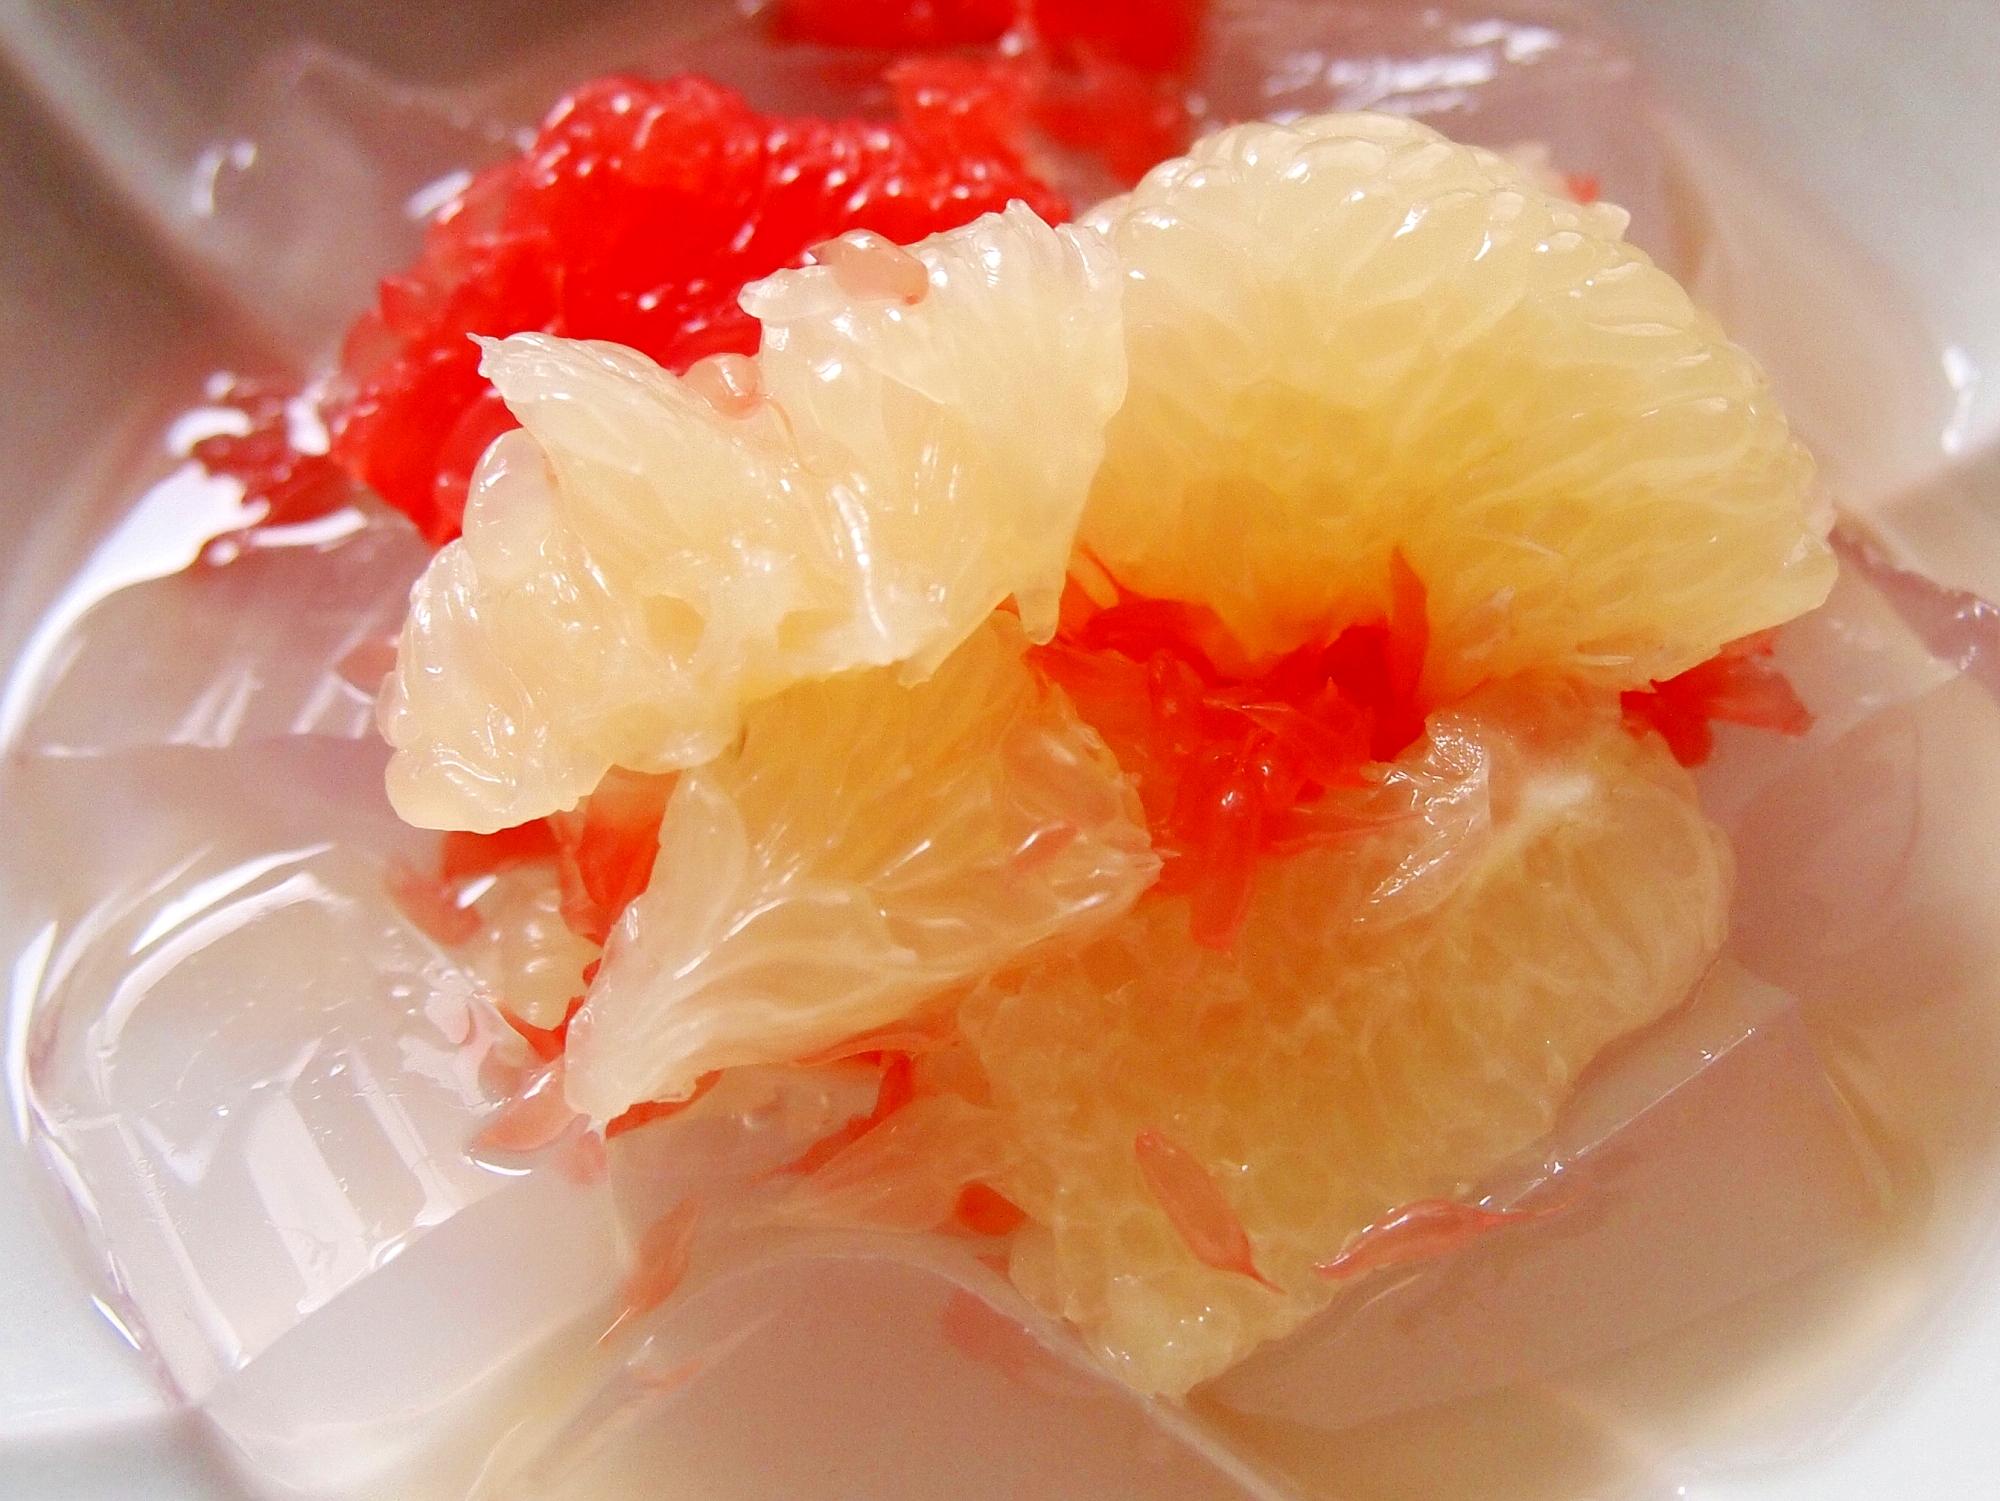 グレープフルーツ添え寒天白蜜